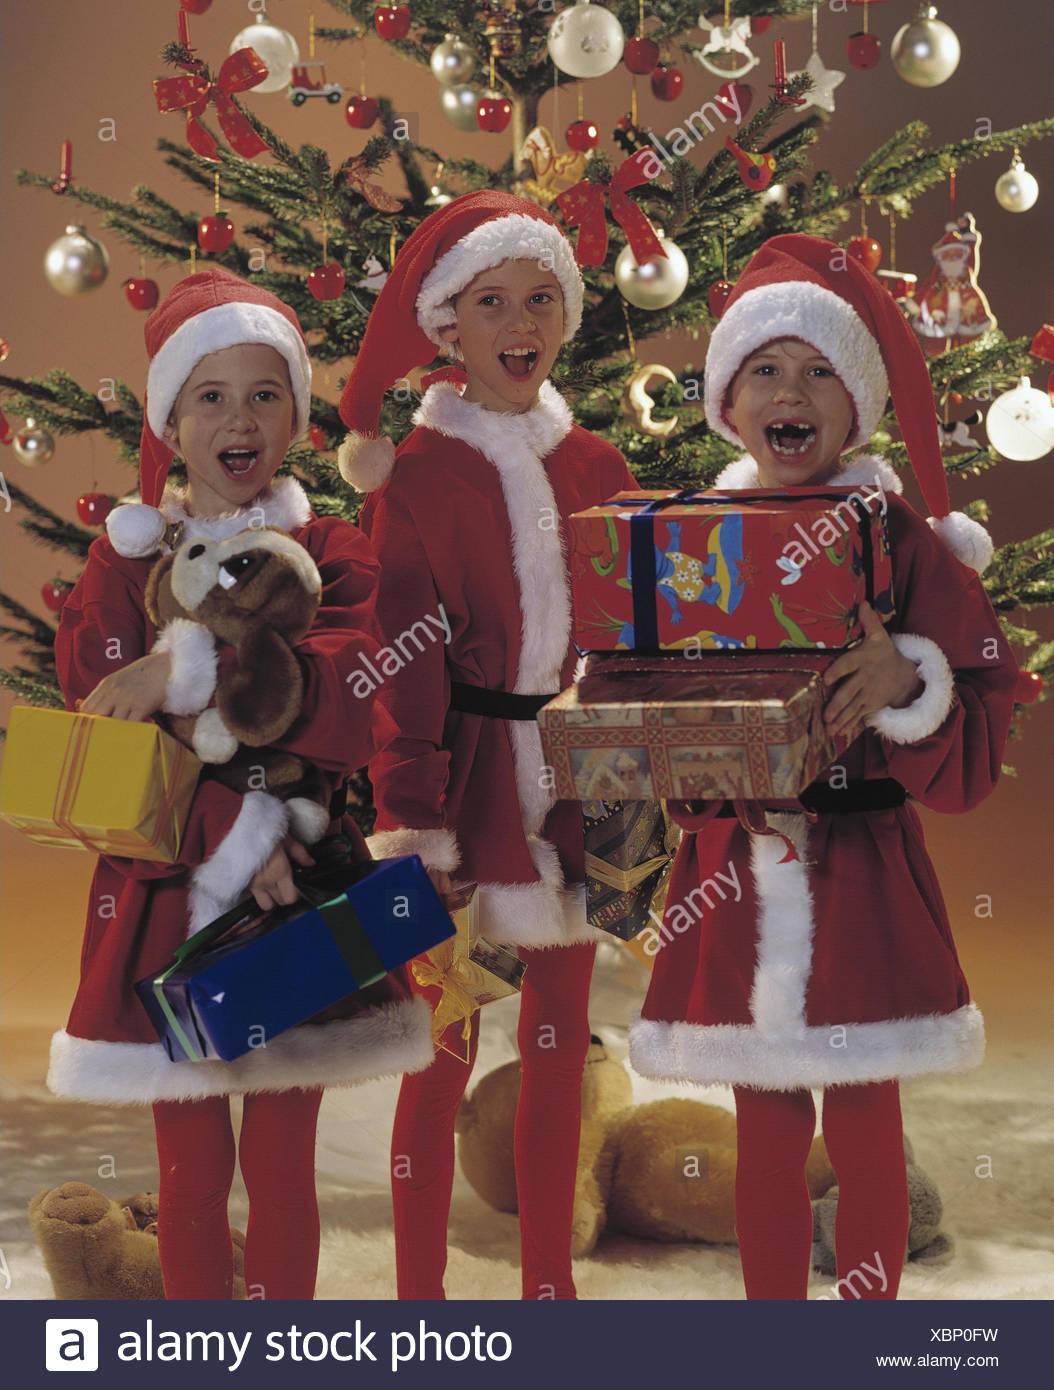 Babbo Natale Canzone.Natale Bambini Rivestimento Babbo Natale Coro Canta Nicholas